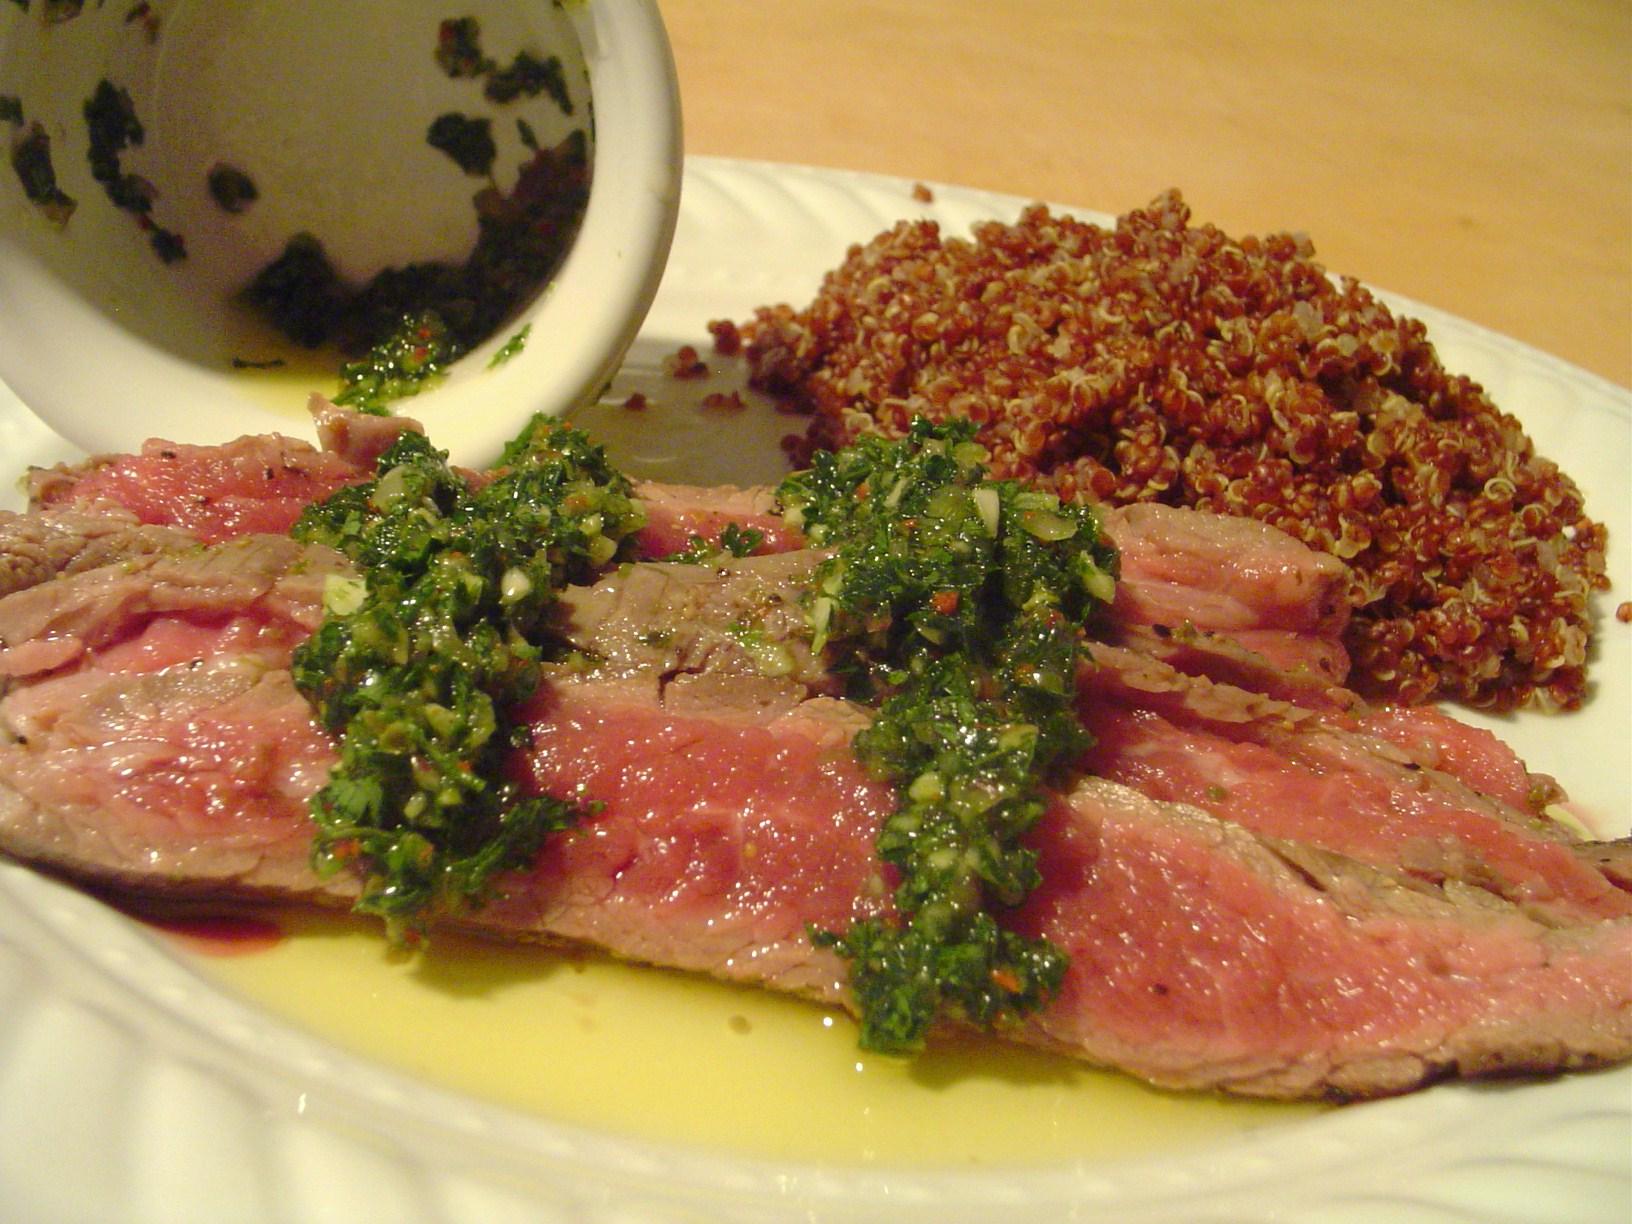 ... hanger steak coriander crusted hanger steak hanger steak with spicy